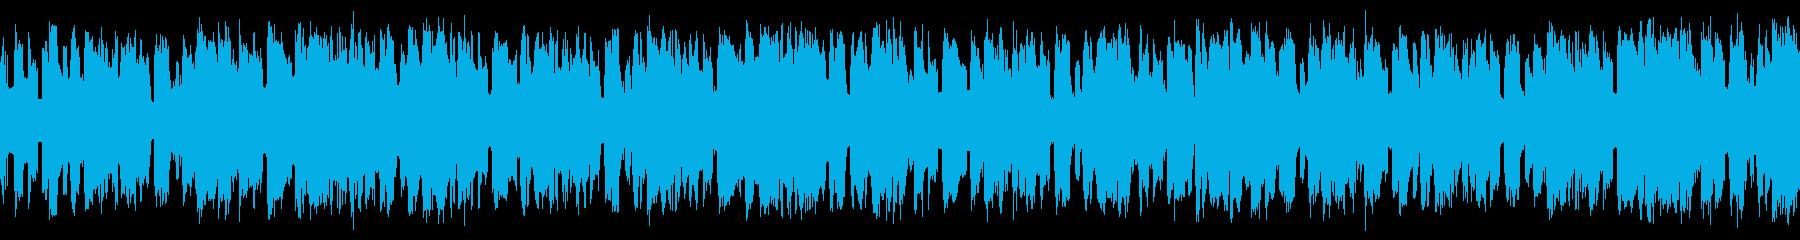 テクノ ループ かっこいい系の再生済みの波形